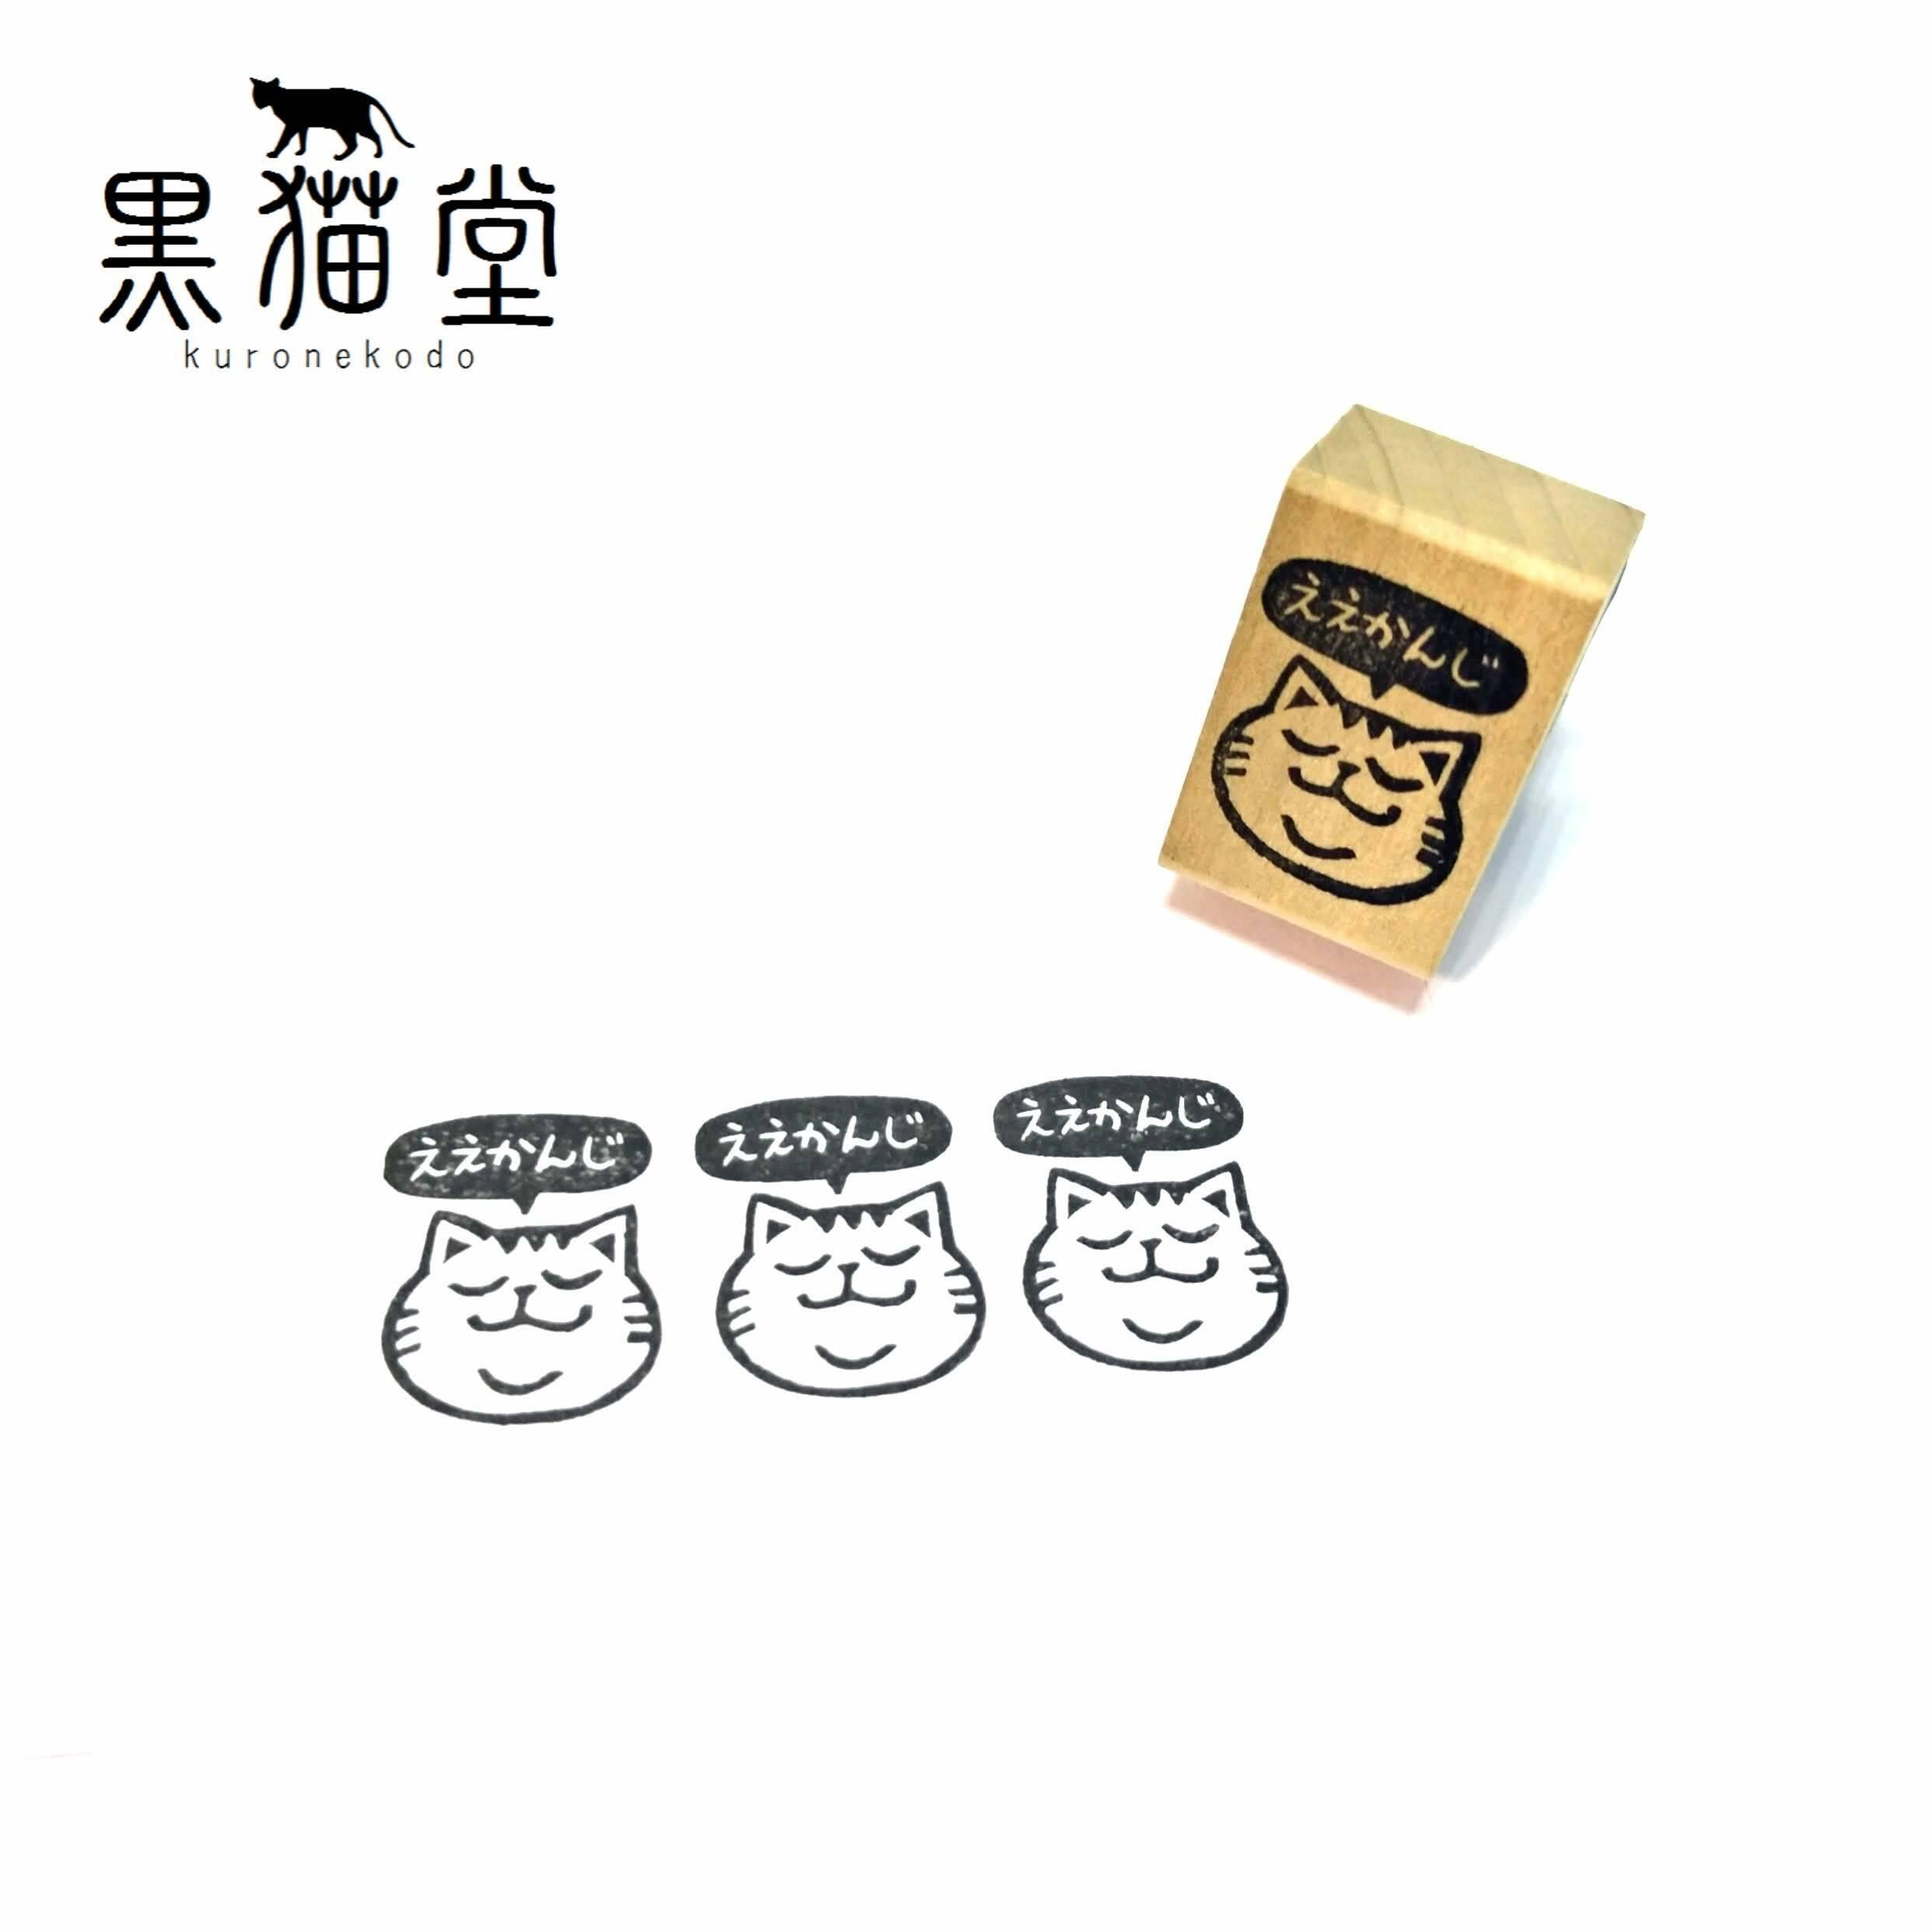 関西弁ネコ「ええかんじ」